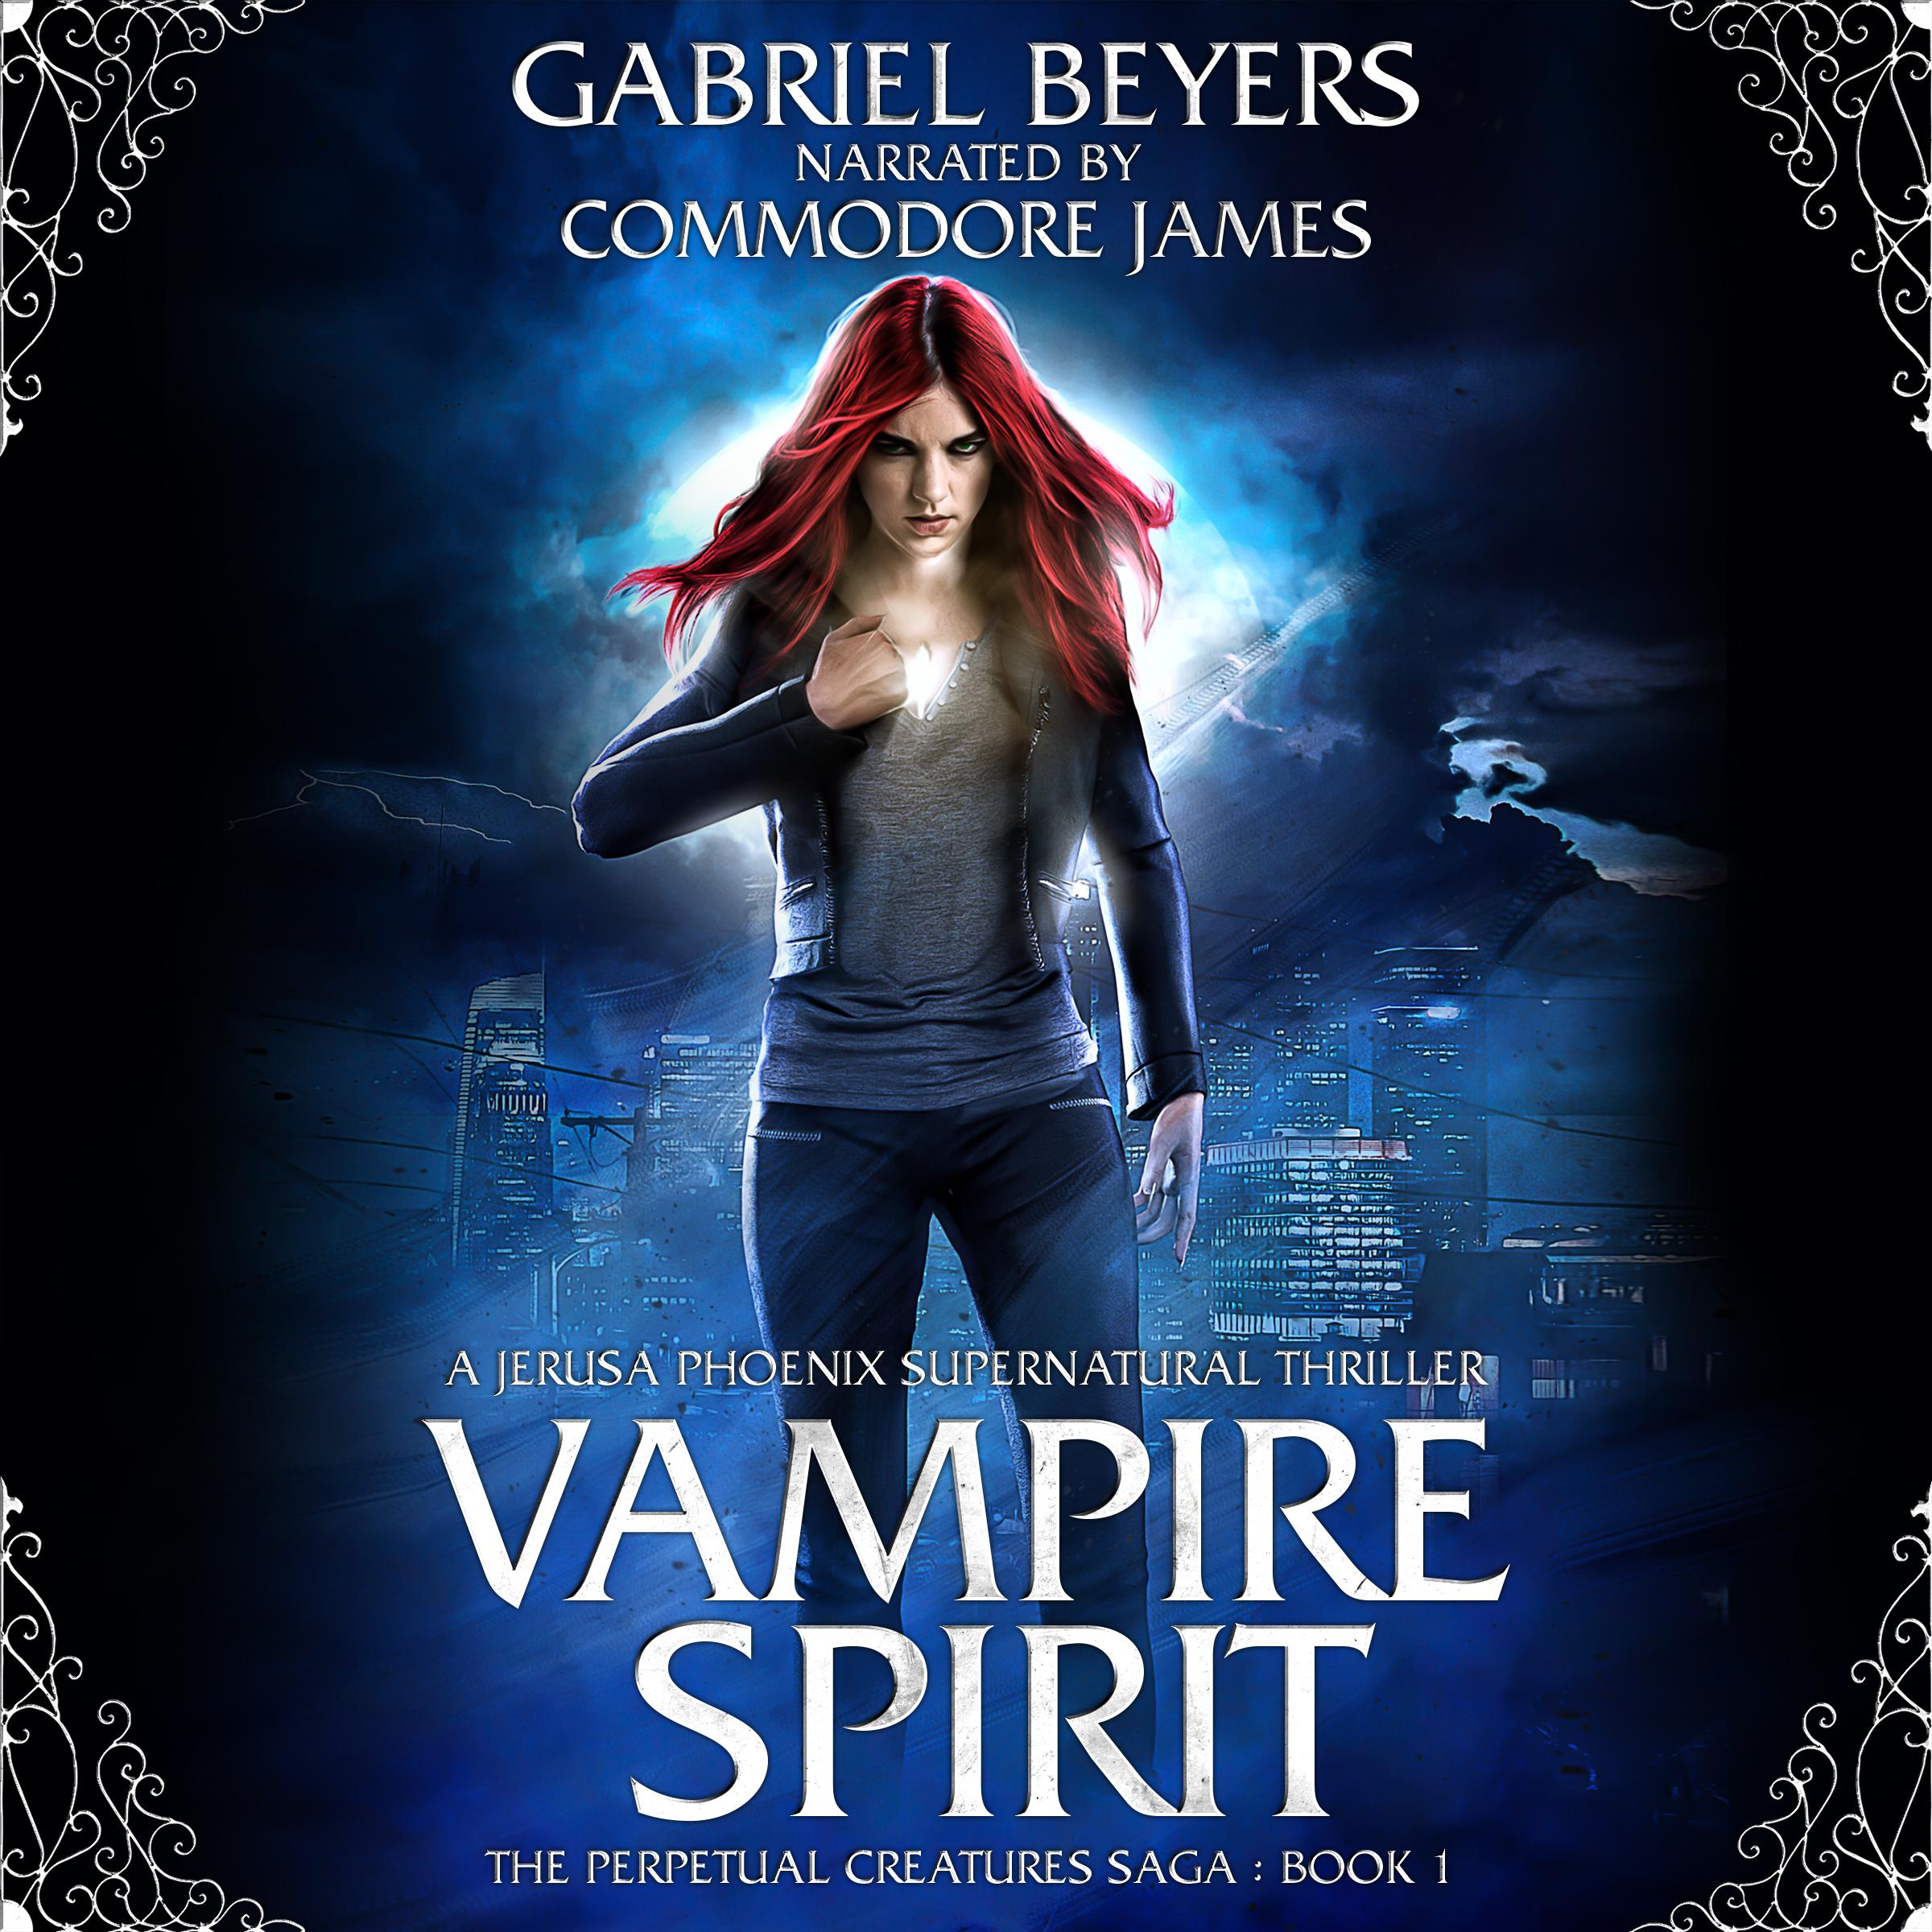 Vampire Spirit eCover.jpg